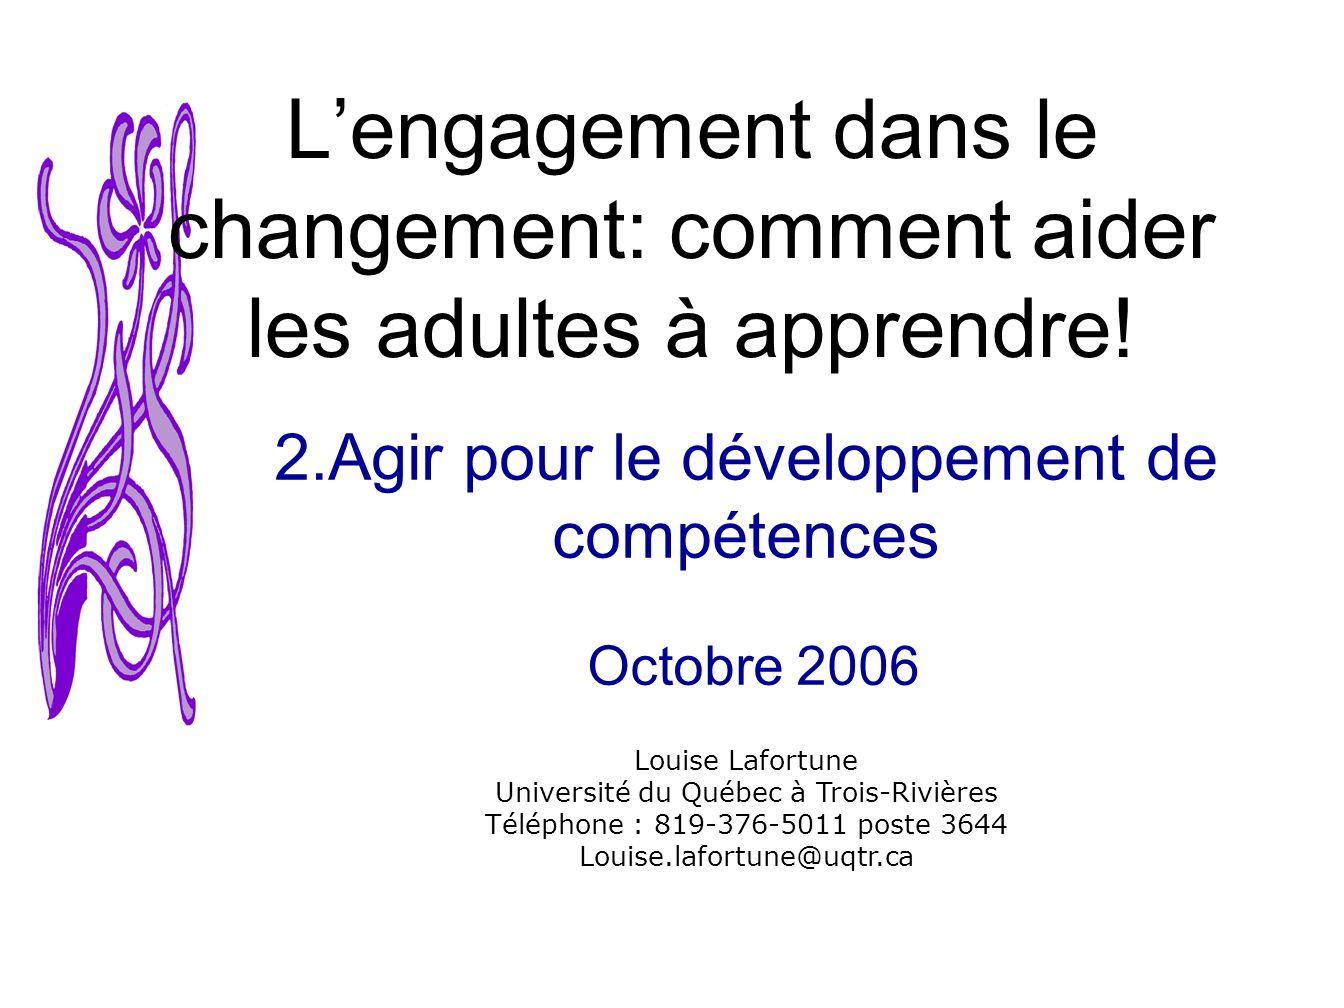 © Louise Lafortune, 2006 L engagement dans le changement: Agir pour le développement de compétences2 En tant quenseignant ou enseignante, parmi mes pratiques pédagogiques, lesquelles aident le plus les adultes à apprendre.